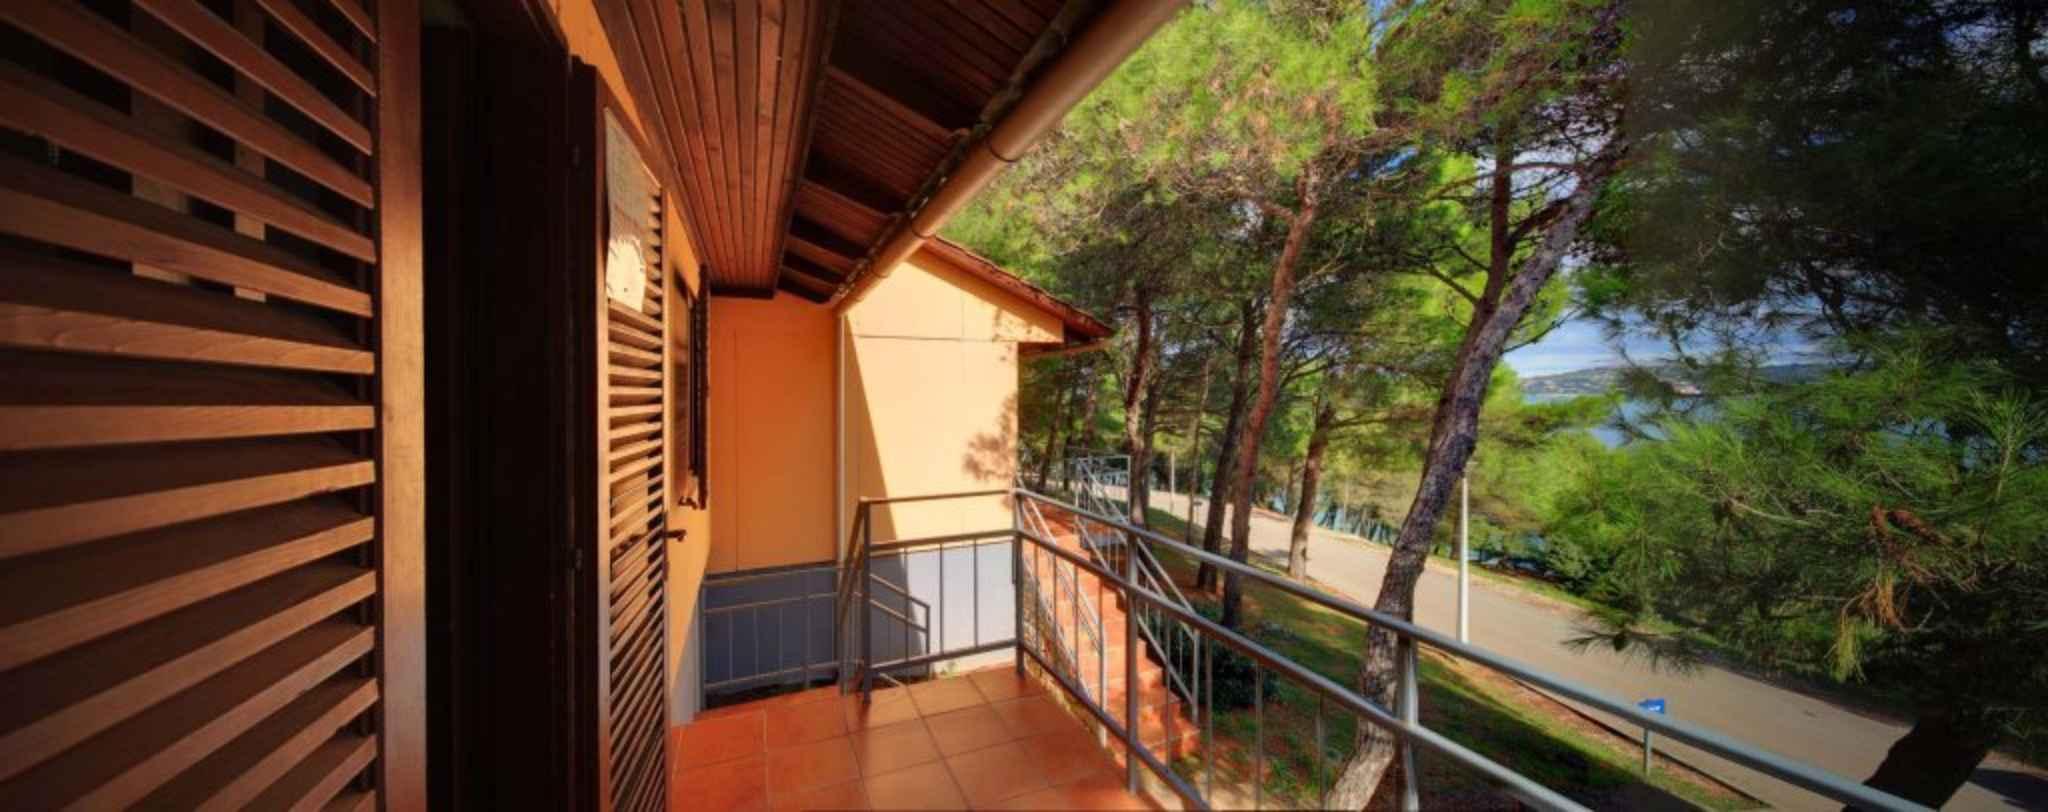 Ferienhaus Bungalow in der Ferienanlage Kanegra (281162), Umag, , Istrien, Kroatien, Bild 6